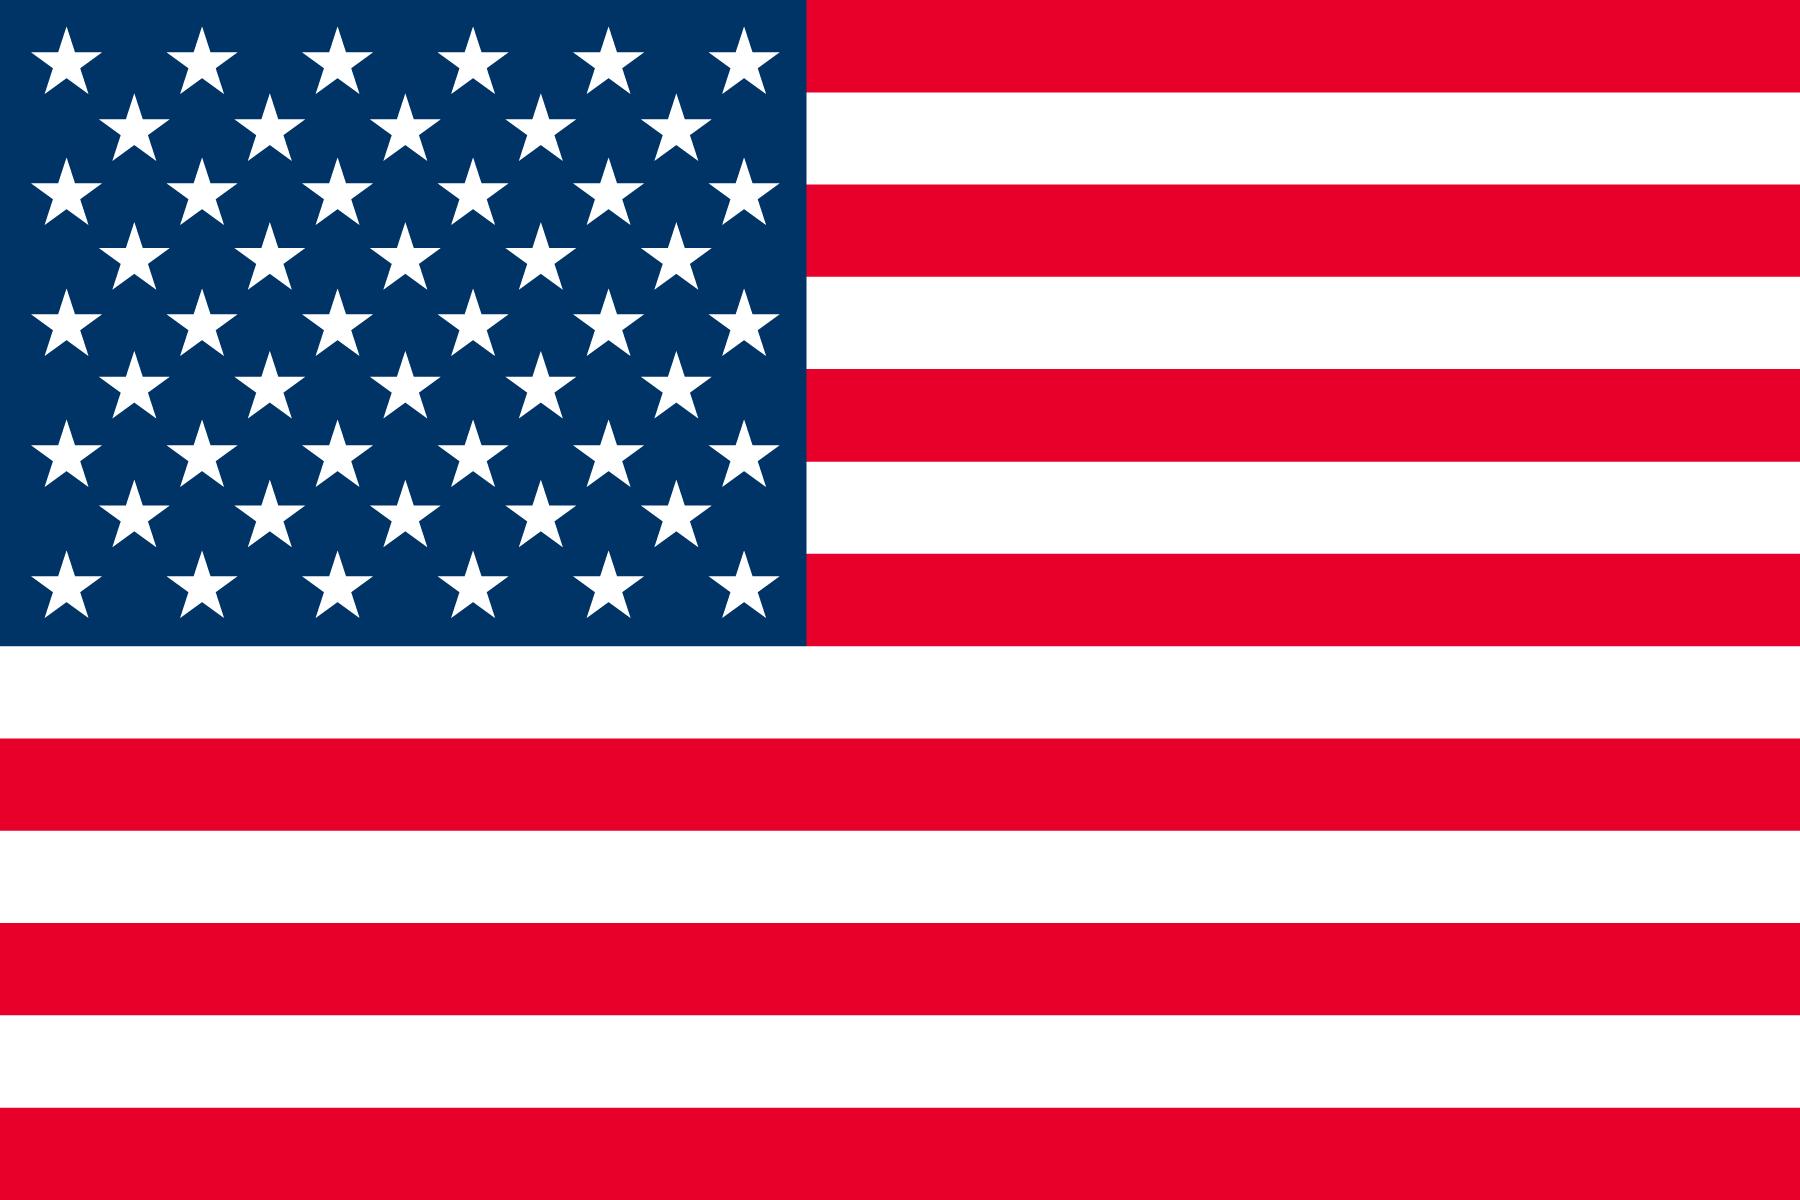 アメリカ政府のアクセス制限検討